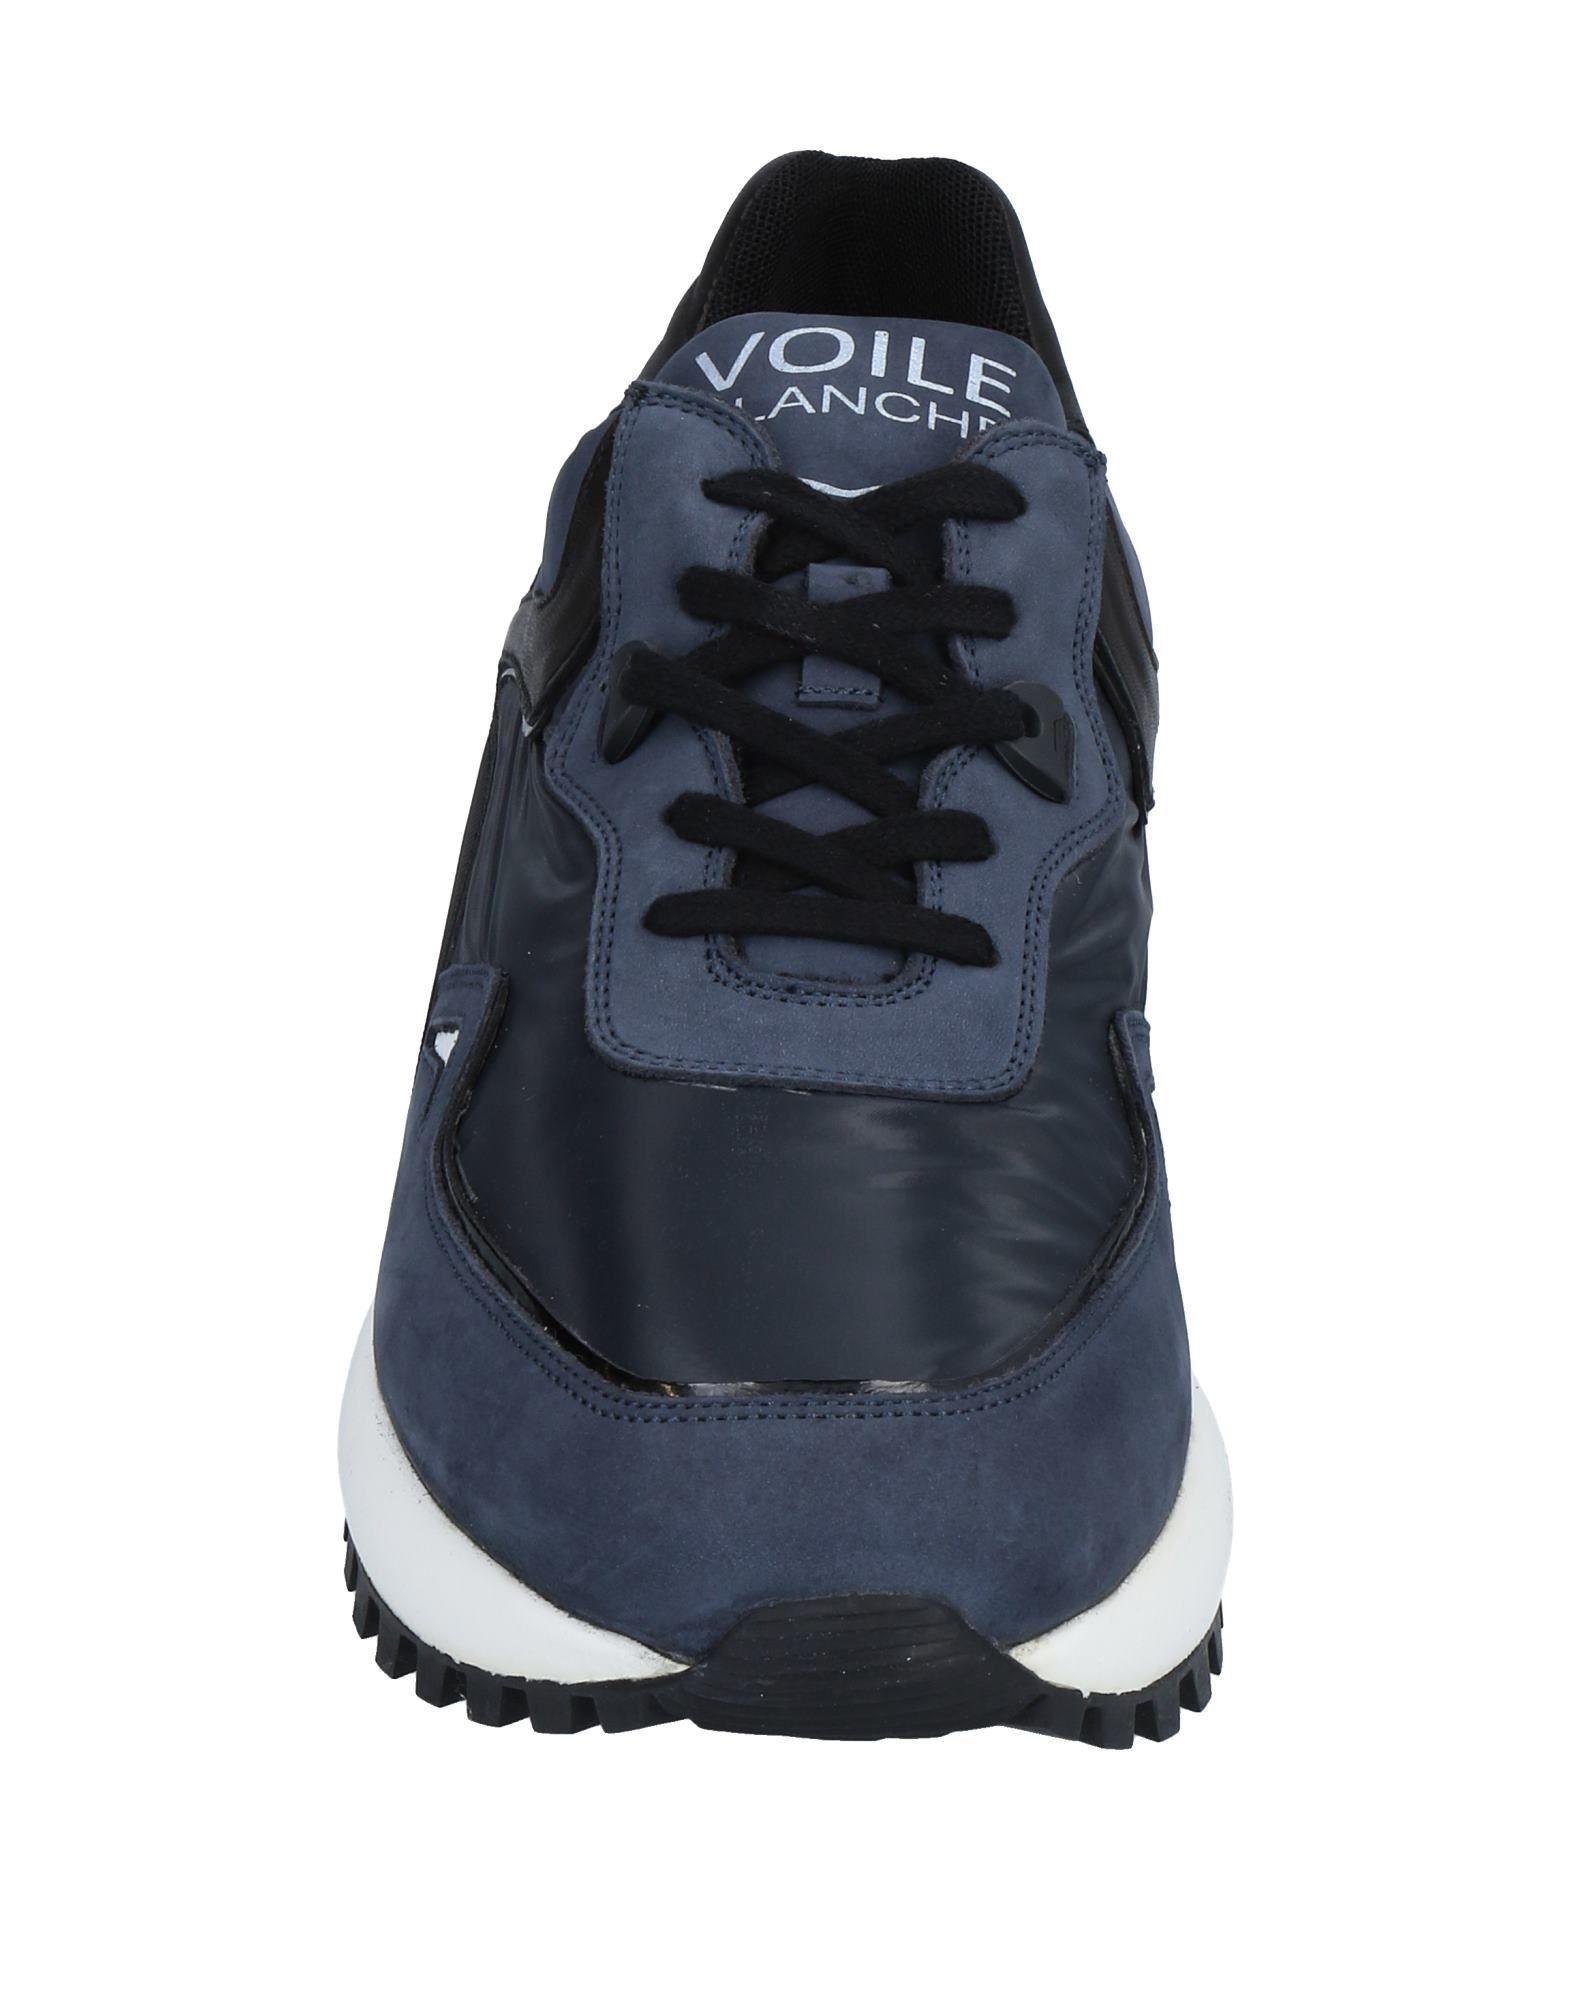 Voile Blanche Sneakers Herren Herren Sneakers  11534391PT 899704